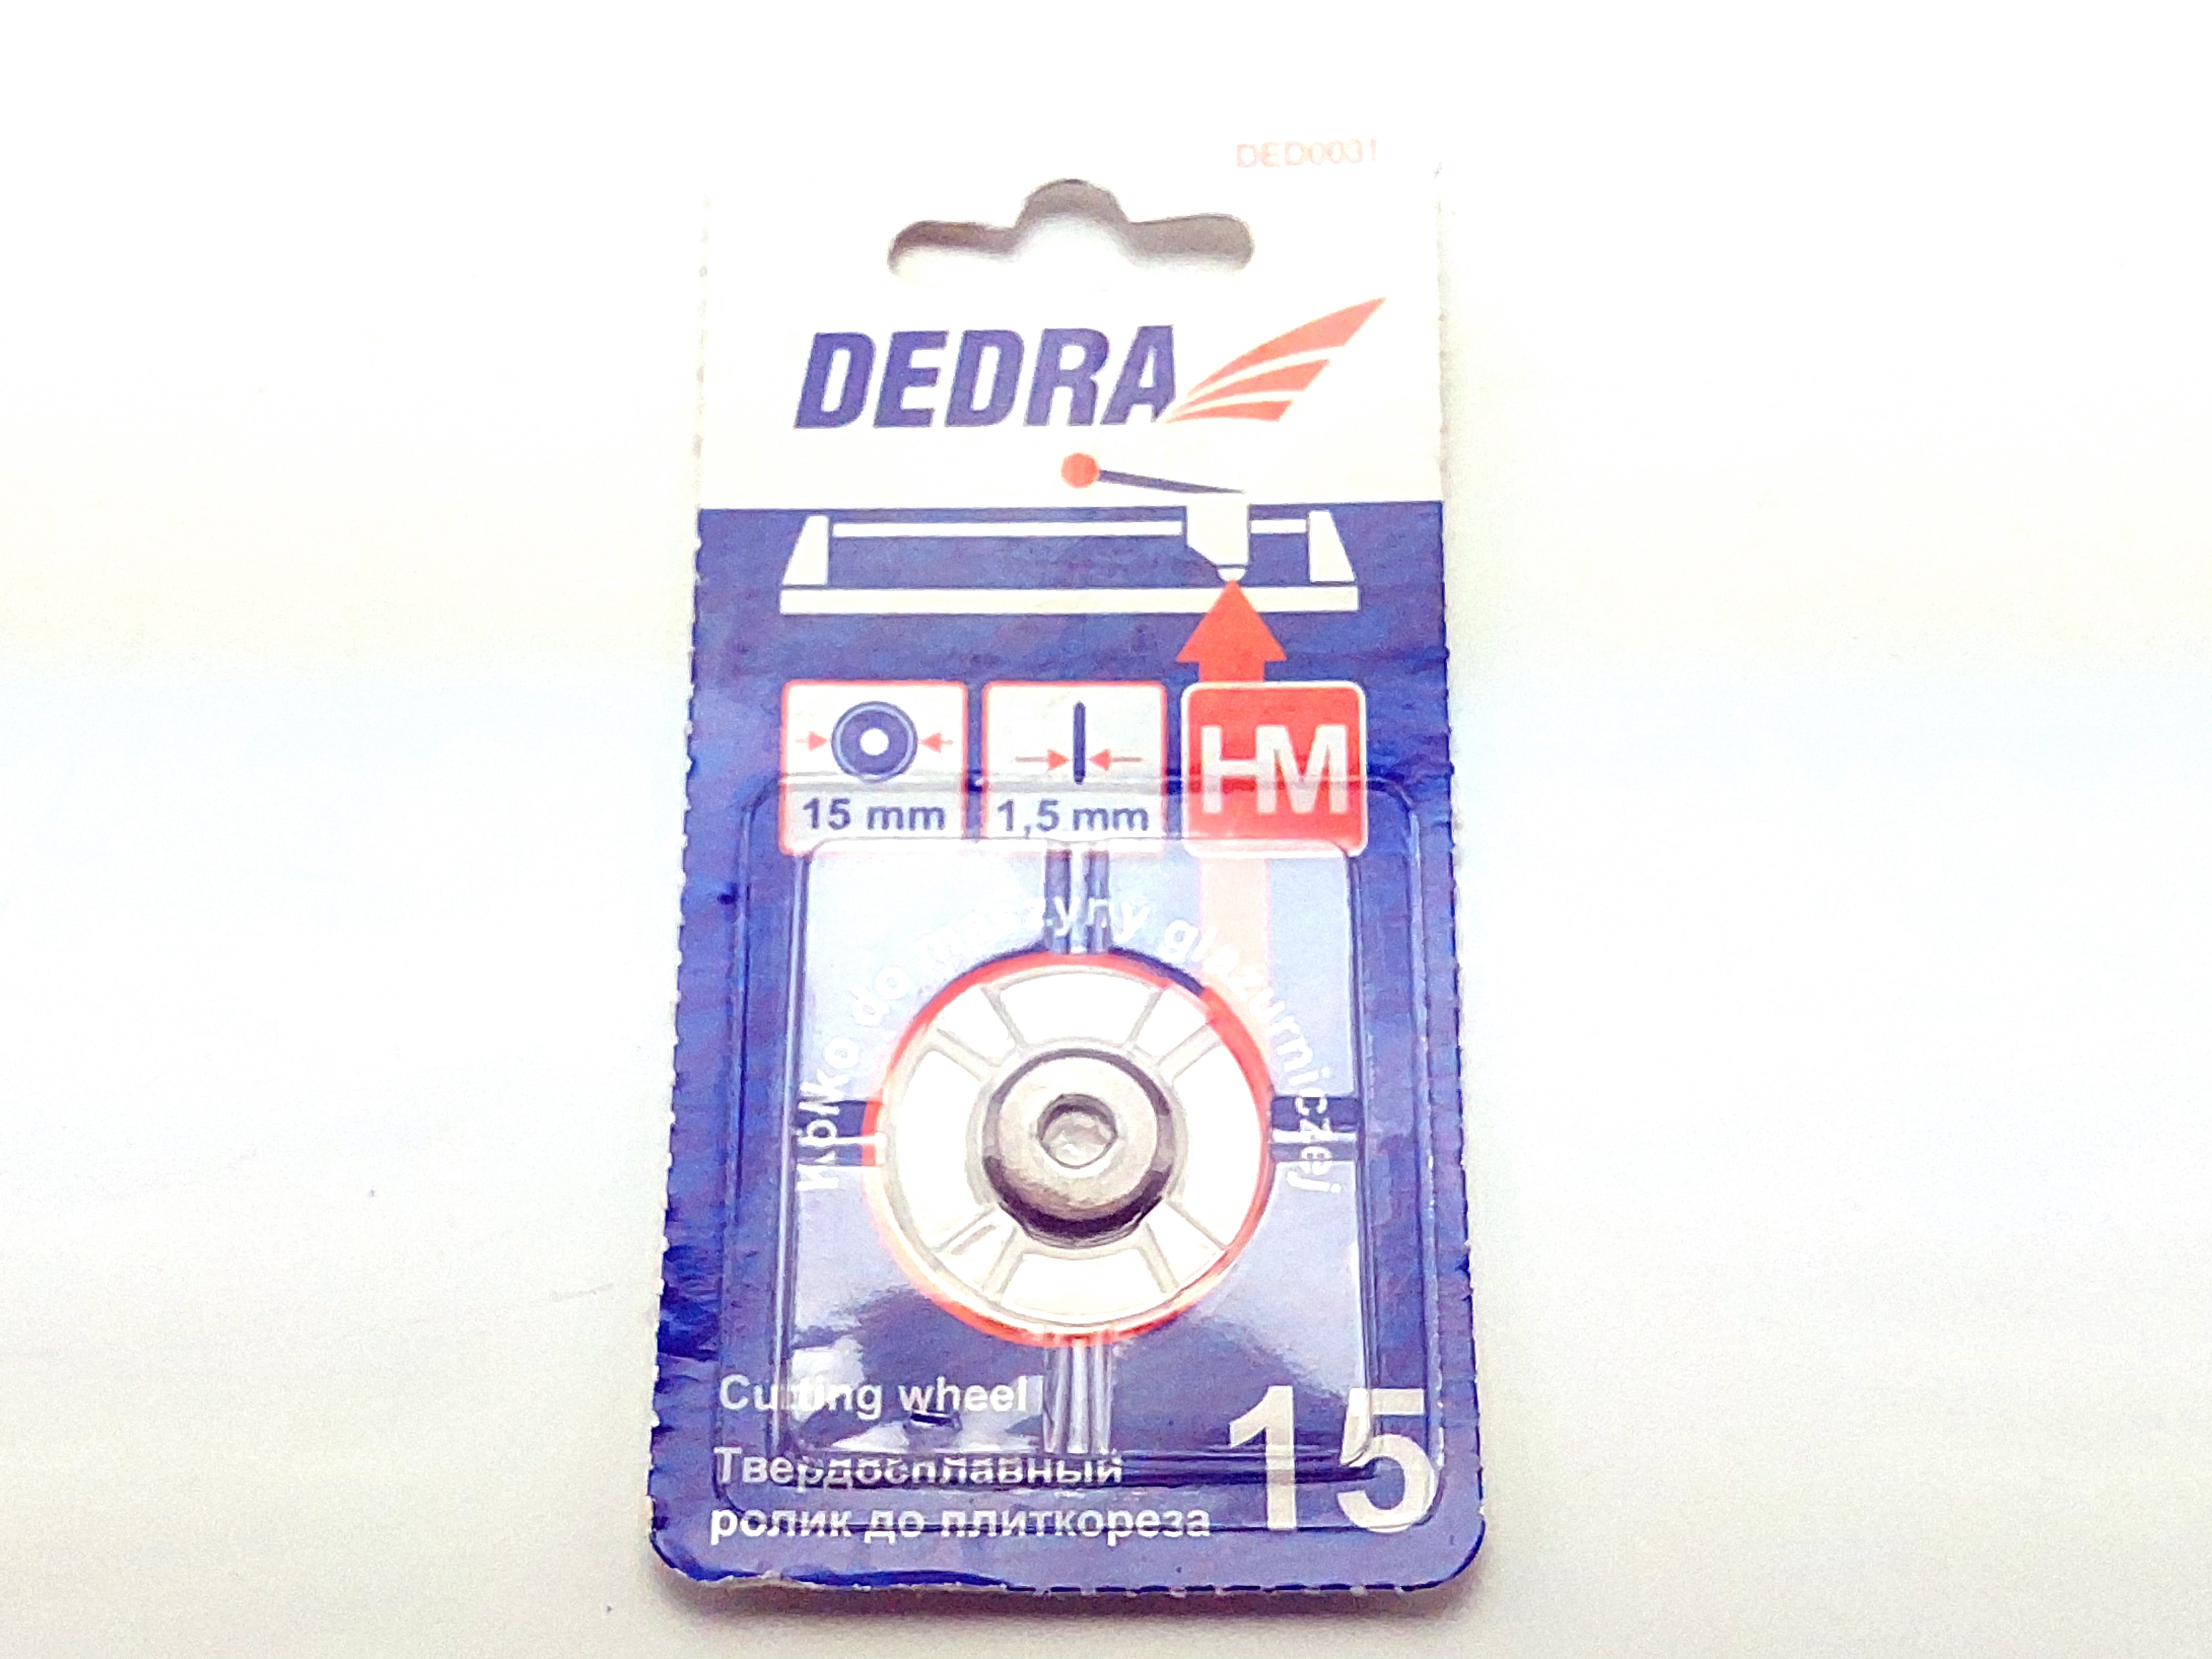 Řezné kolečko 15/1,5 mm HM do řezačky na dlažbu #1130 - 1132 / #1145 - 1147 / #1139 - 1140